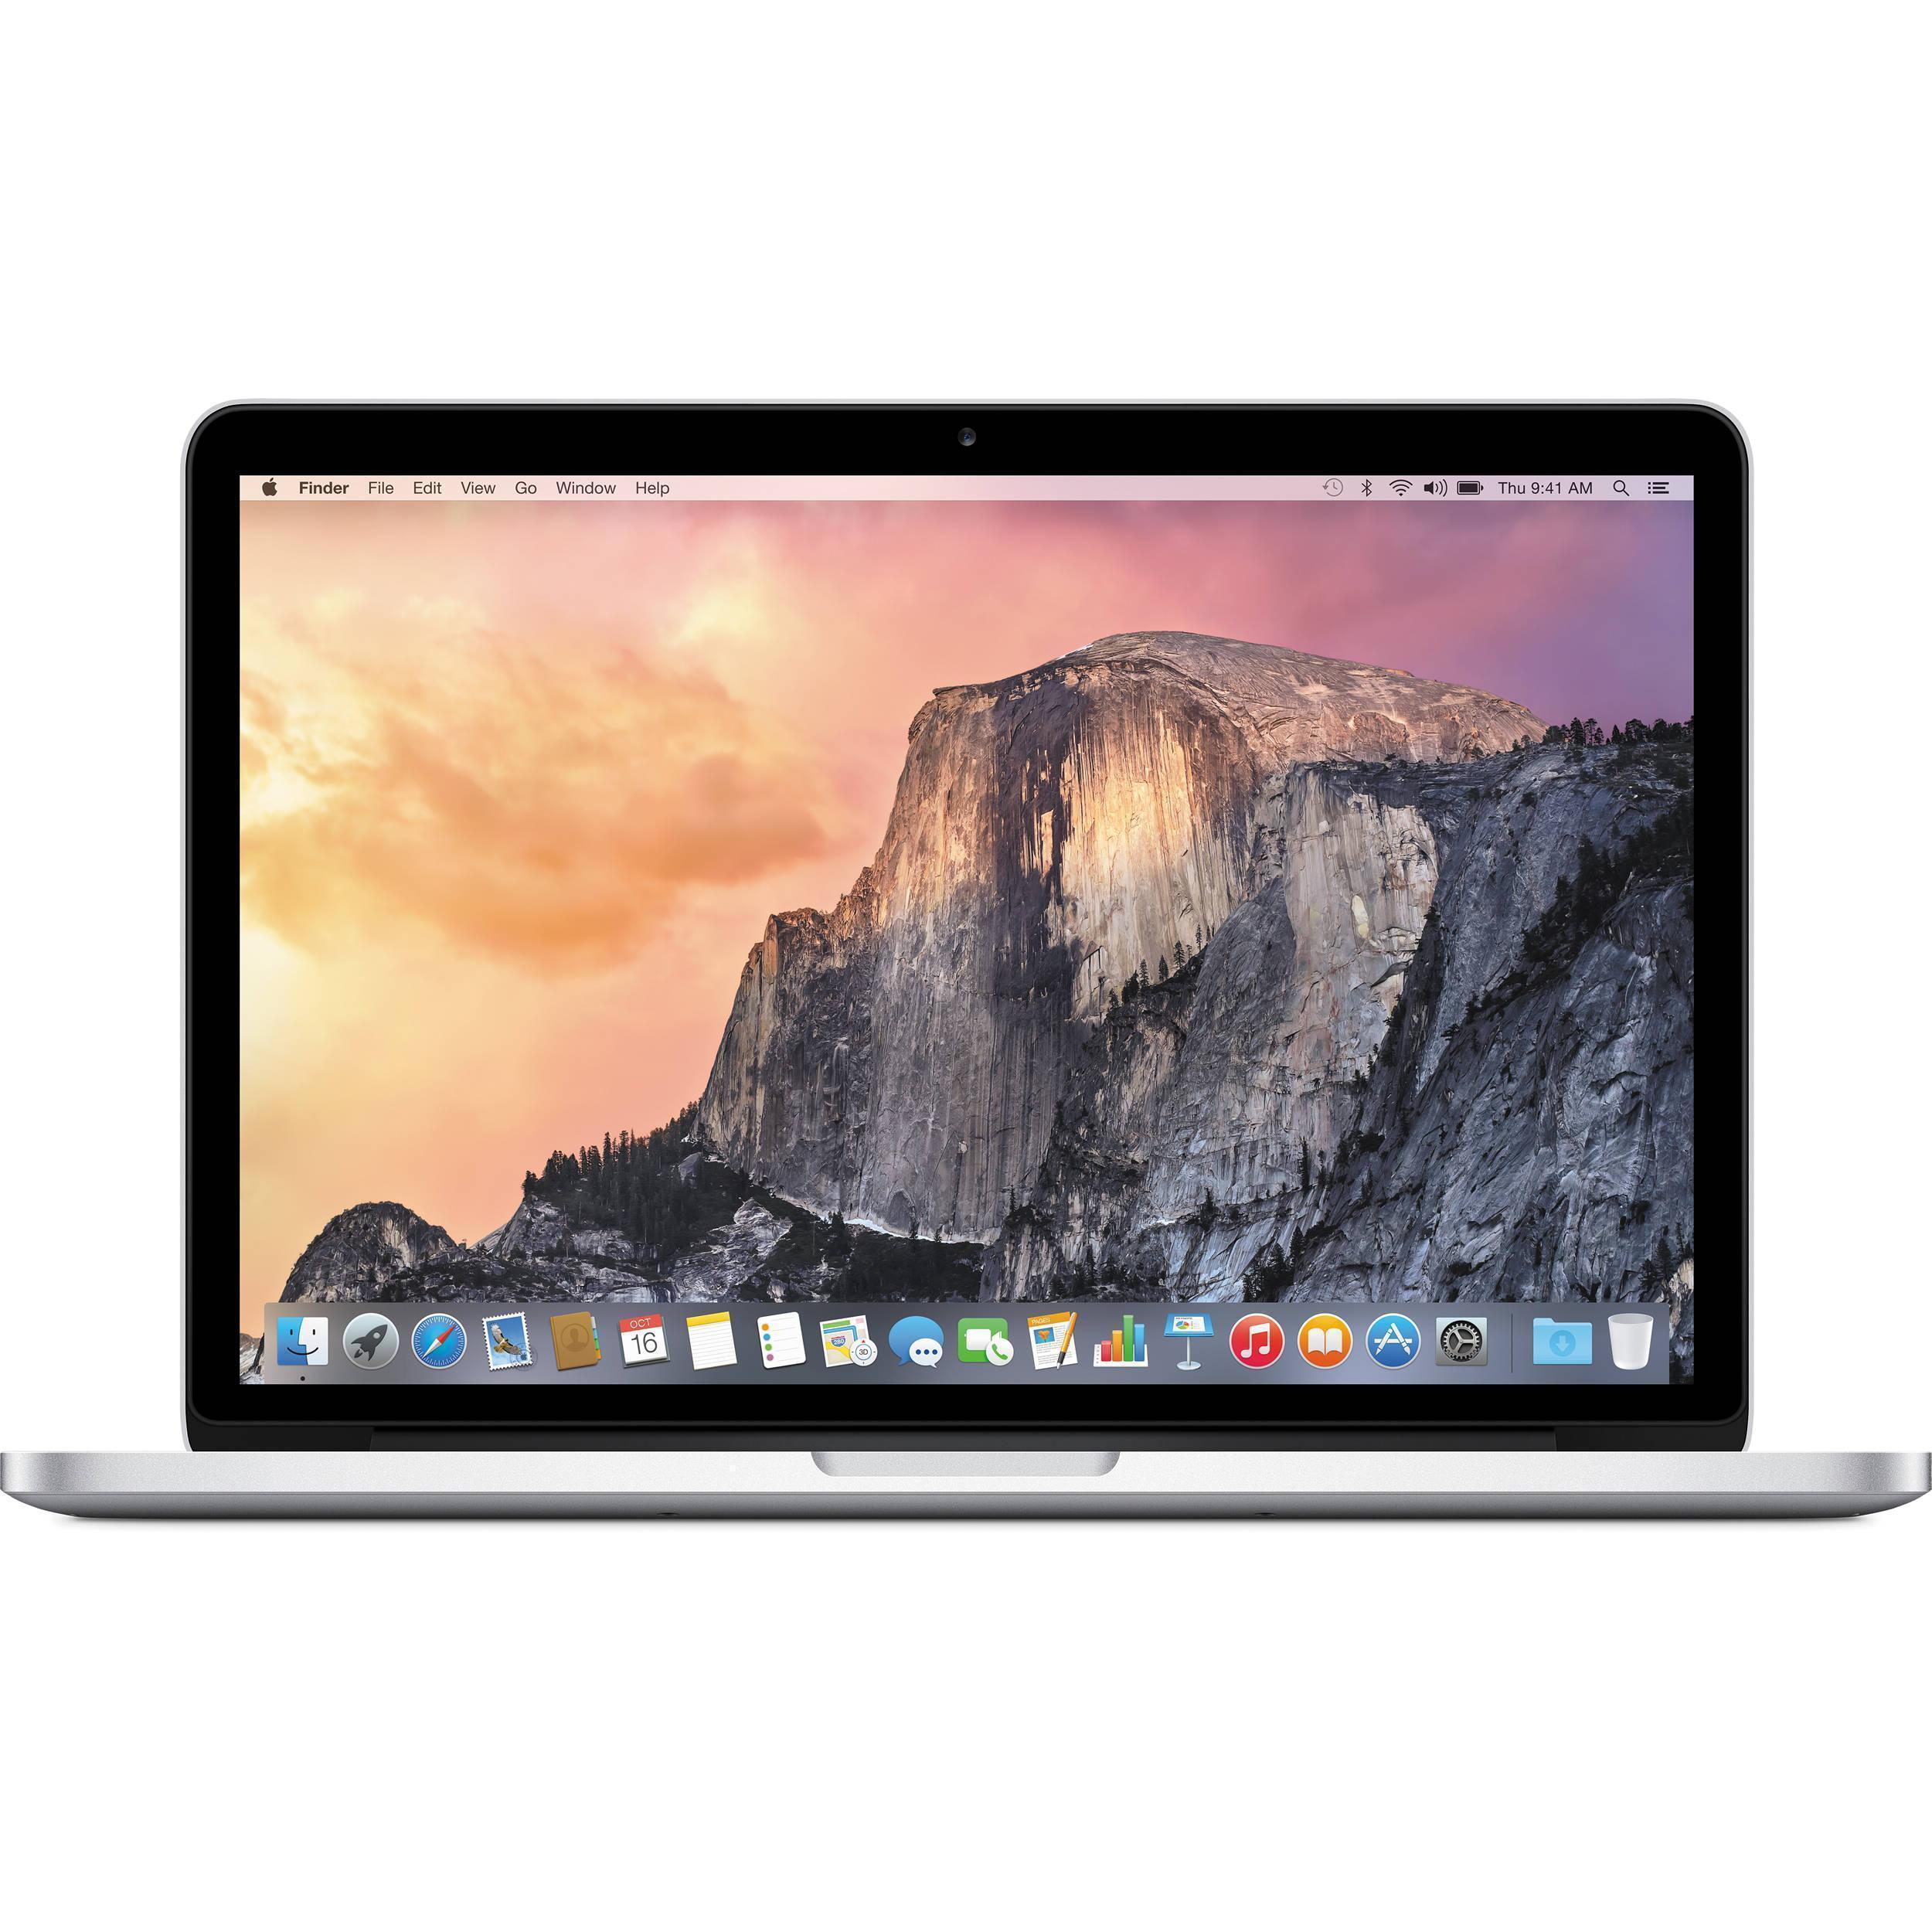 MacBook Pro Retina 13,3-tum (2013) - Core i5 - 8GB - SSD 256 GB QWERTY - Engelska (Storbritannien)